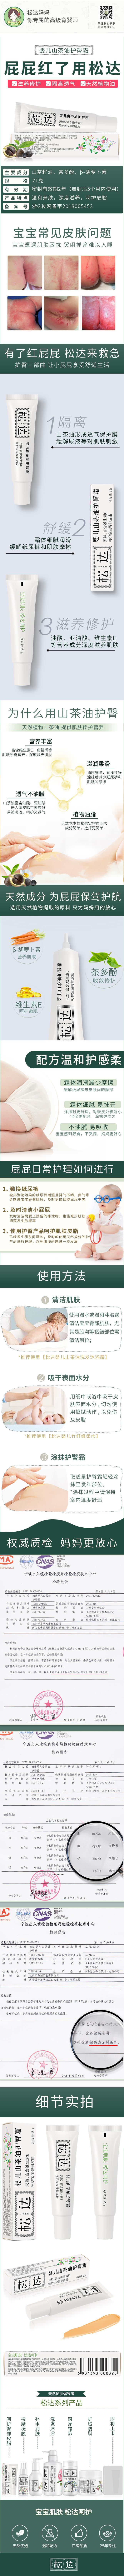 护臀霜640详情思源字体.jpg